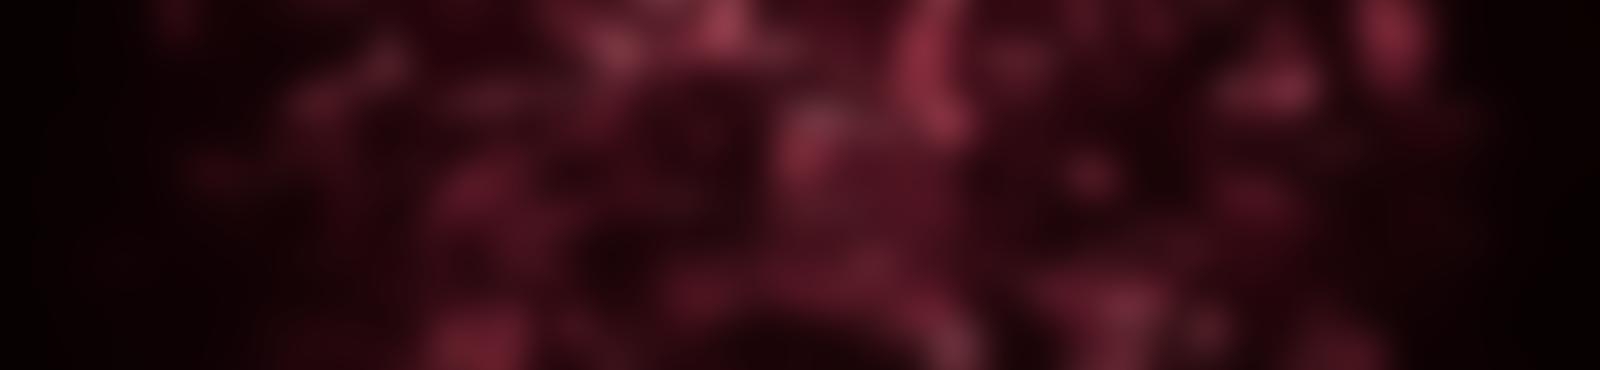 Blurred f2194d20 3c2c 452f b160 fab40d173edd